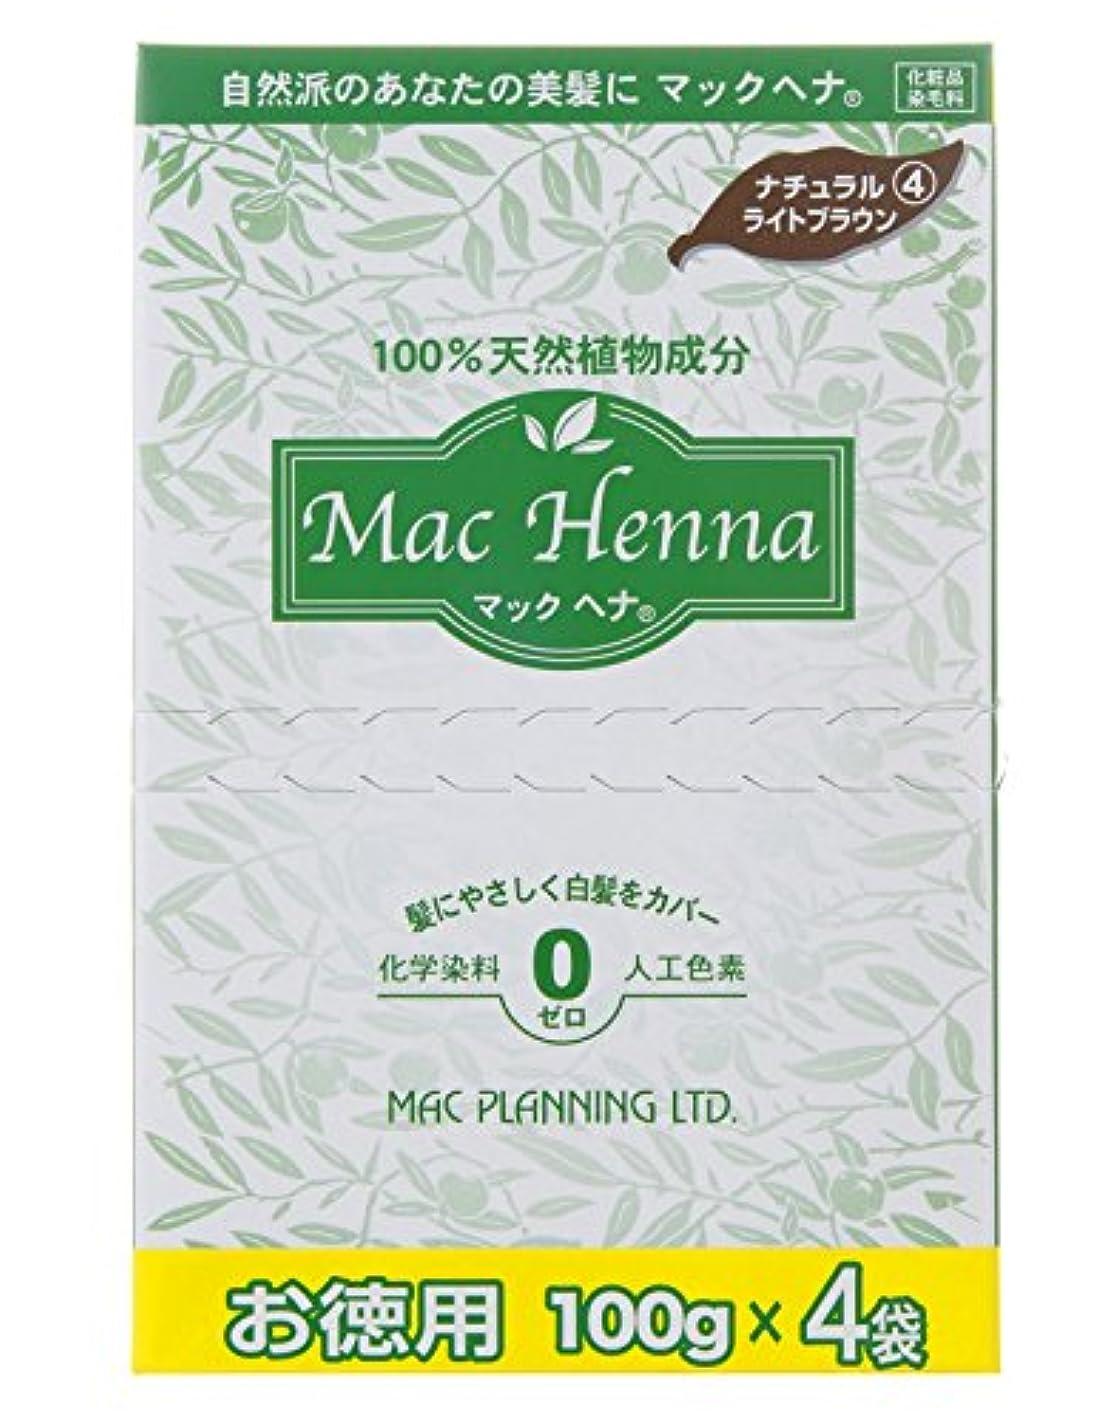 守銭奴医療のスピーチマックヘナ お徳用 ナチュラルライトブラウン400g ヘナ白髪用カラー